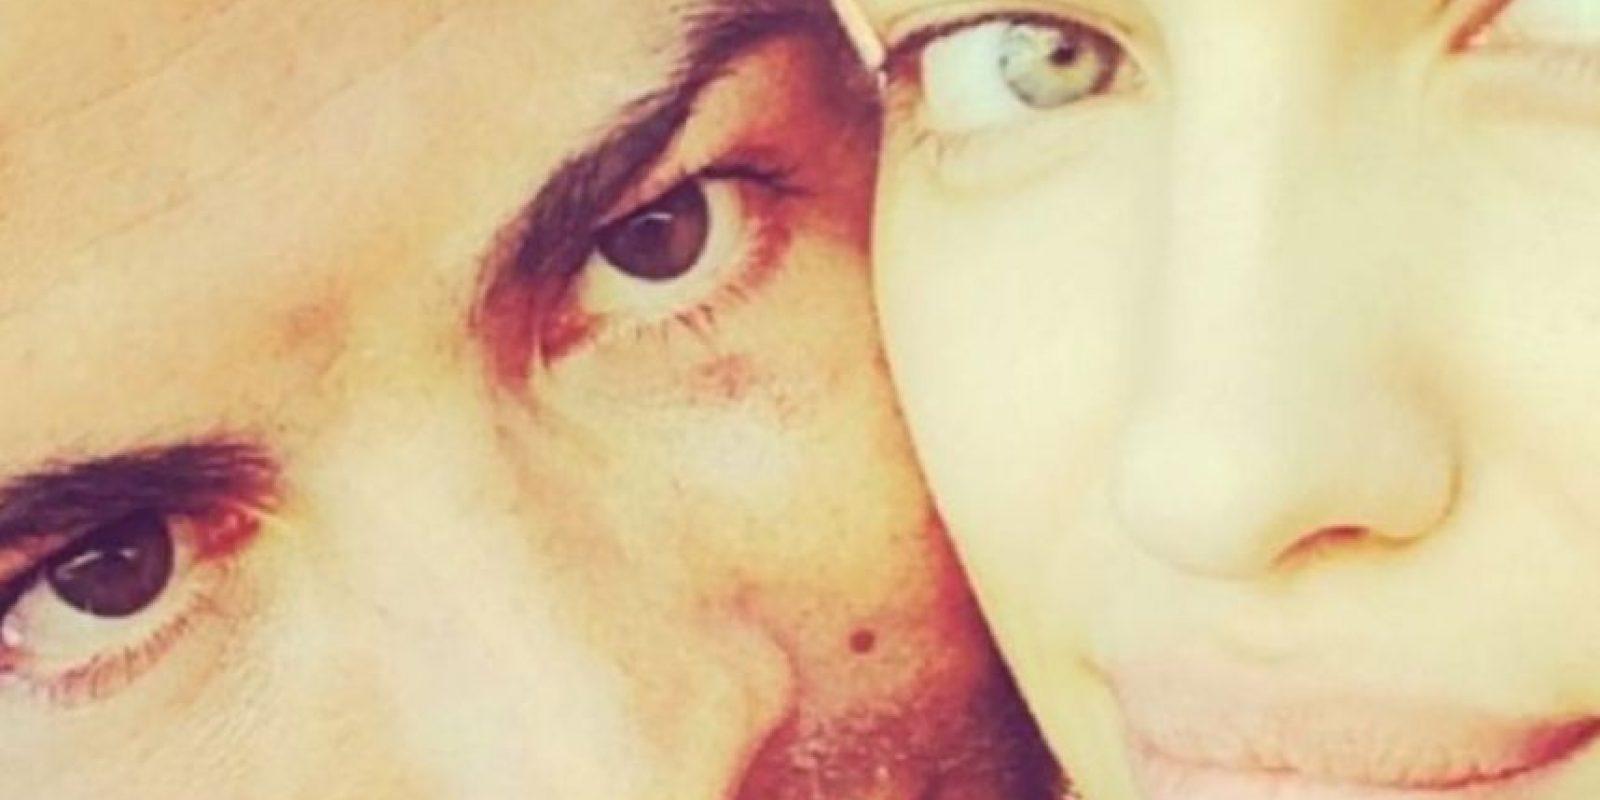 La última foto de Irina y Cristiano en el Instagram de la modelo es del 6 de julio de 2014. Foto:instagram.com/irinashayk